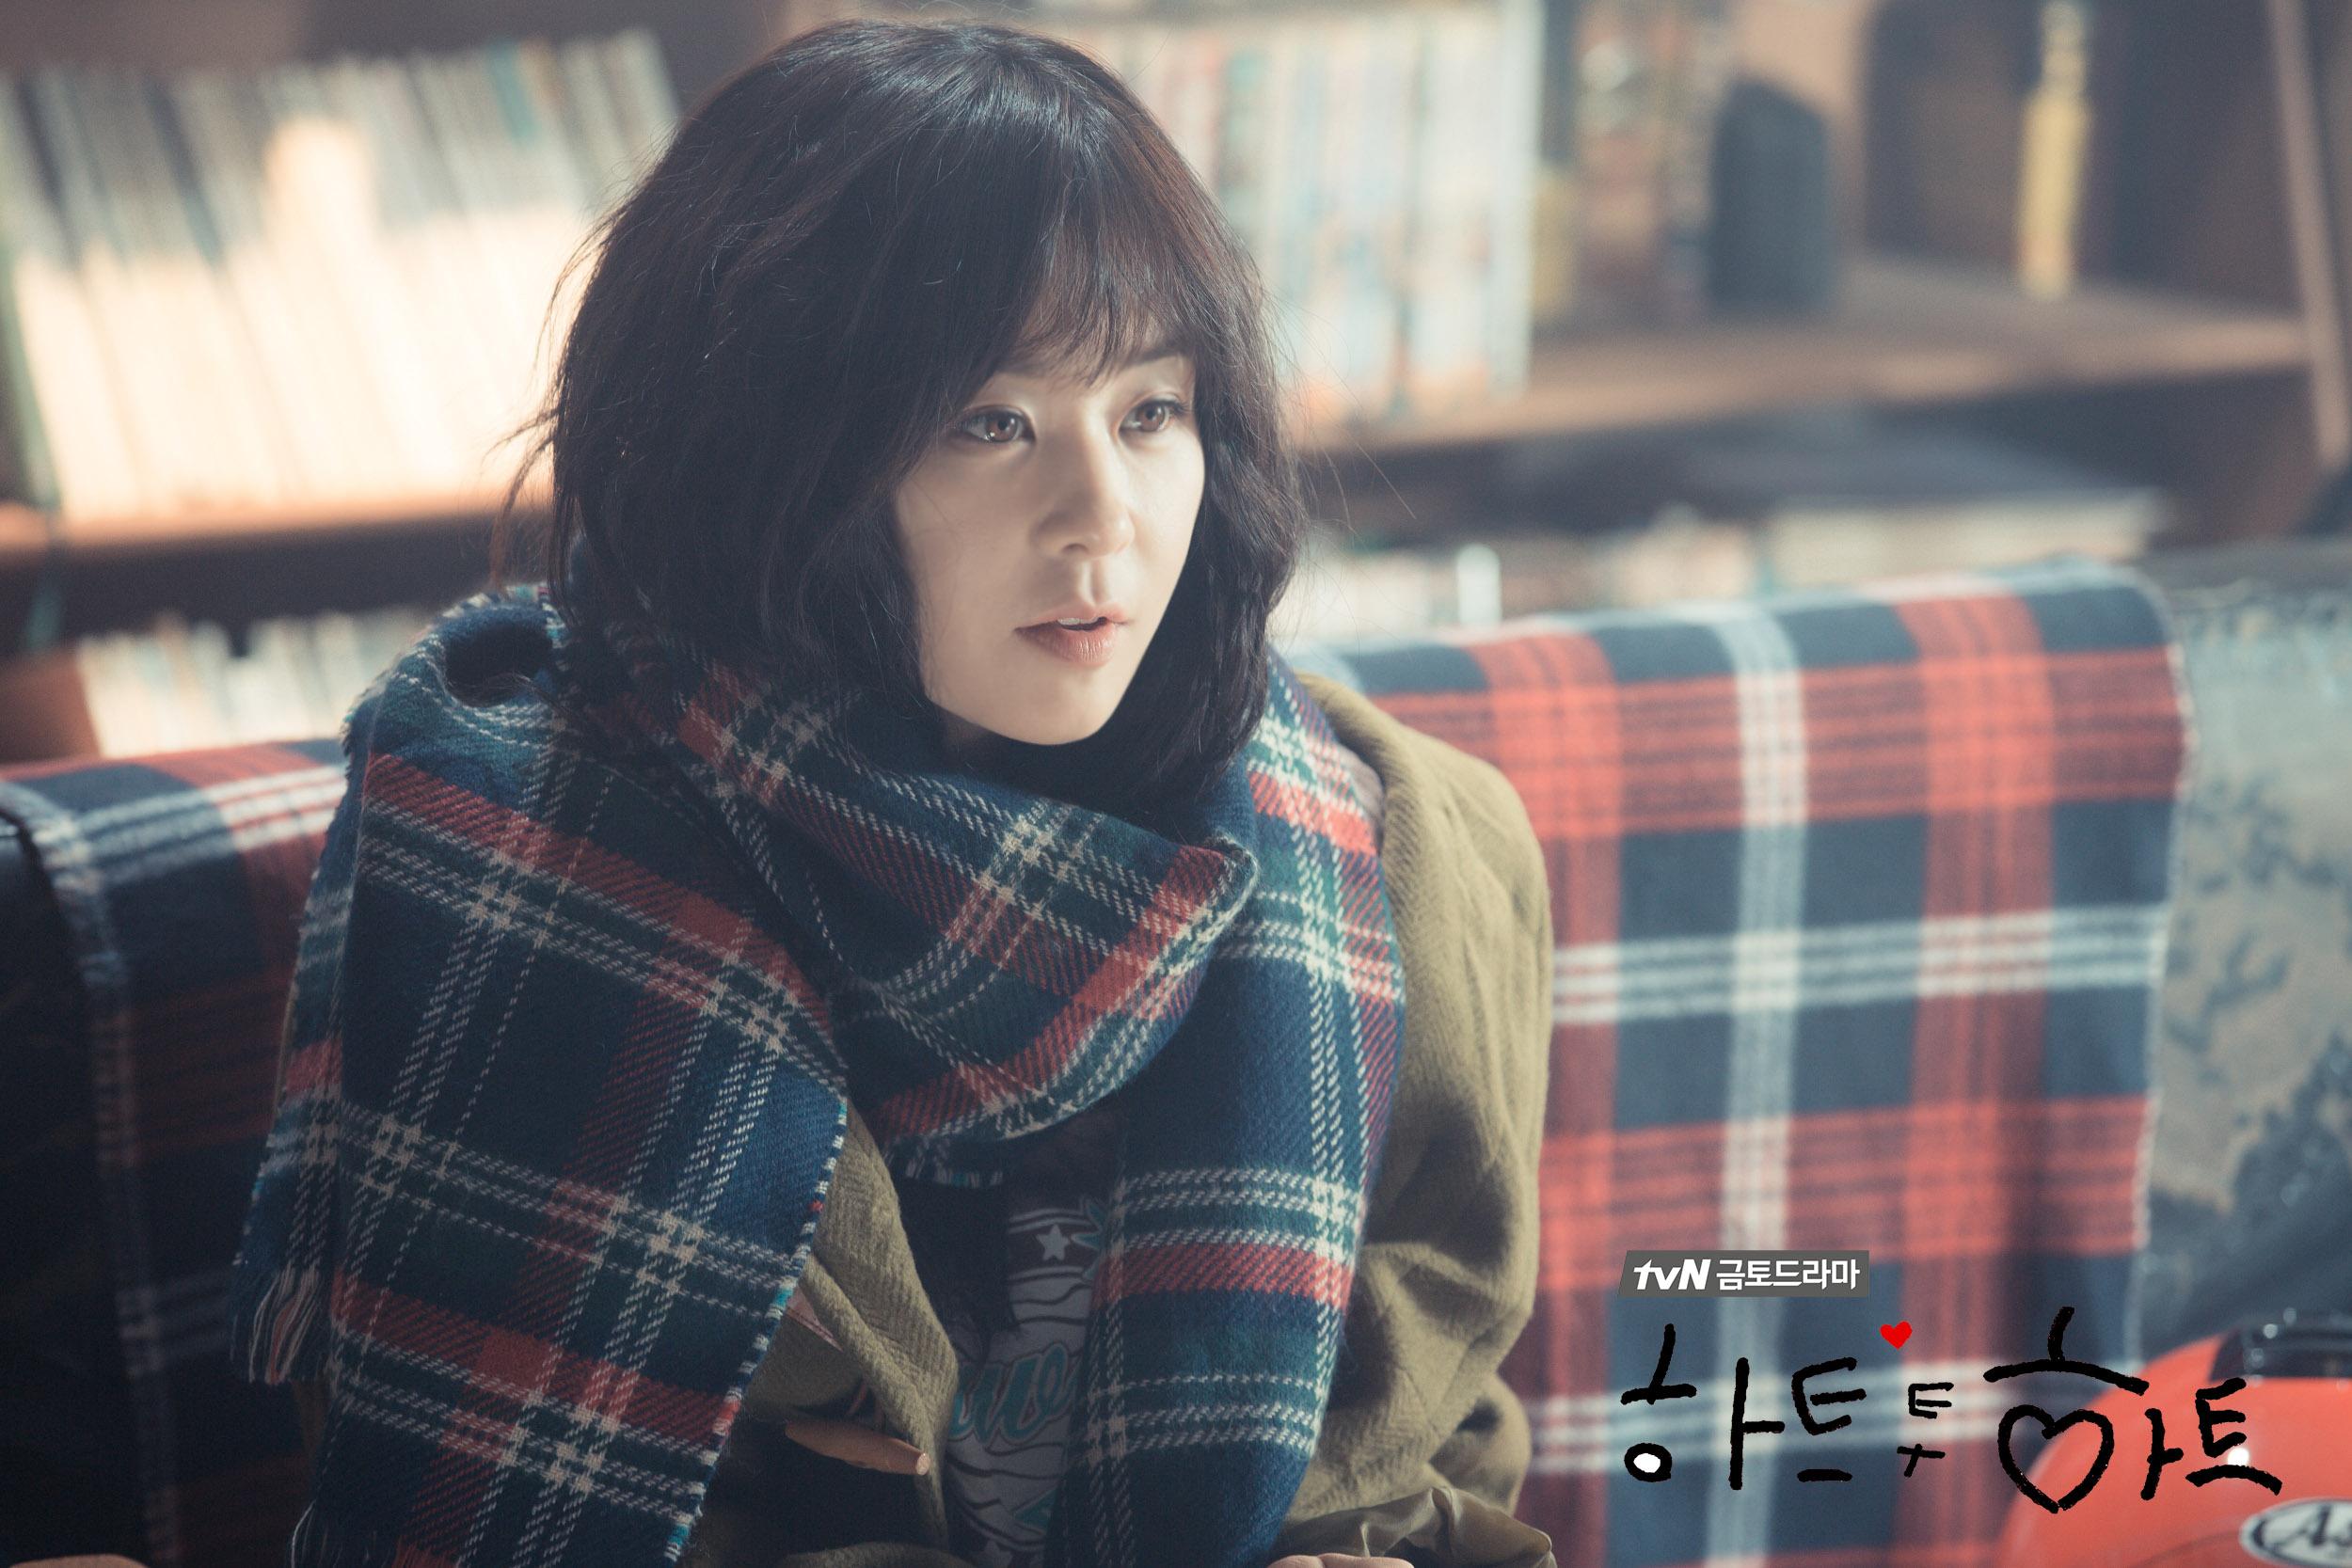 被封為最強童顏的原因是…不僅皮膚保養超好,也因為韓國網友們說崔江姬從1995年出道到現在,長相可以說是沒有什麼變化!